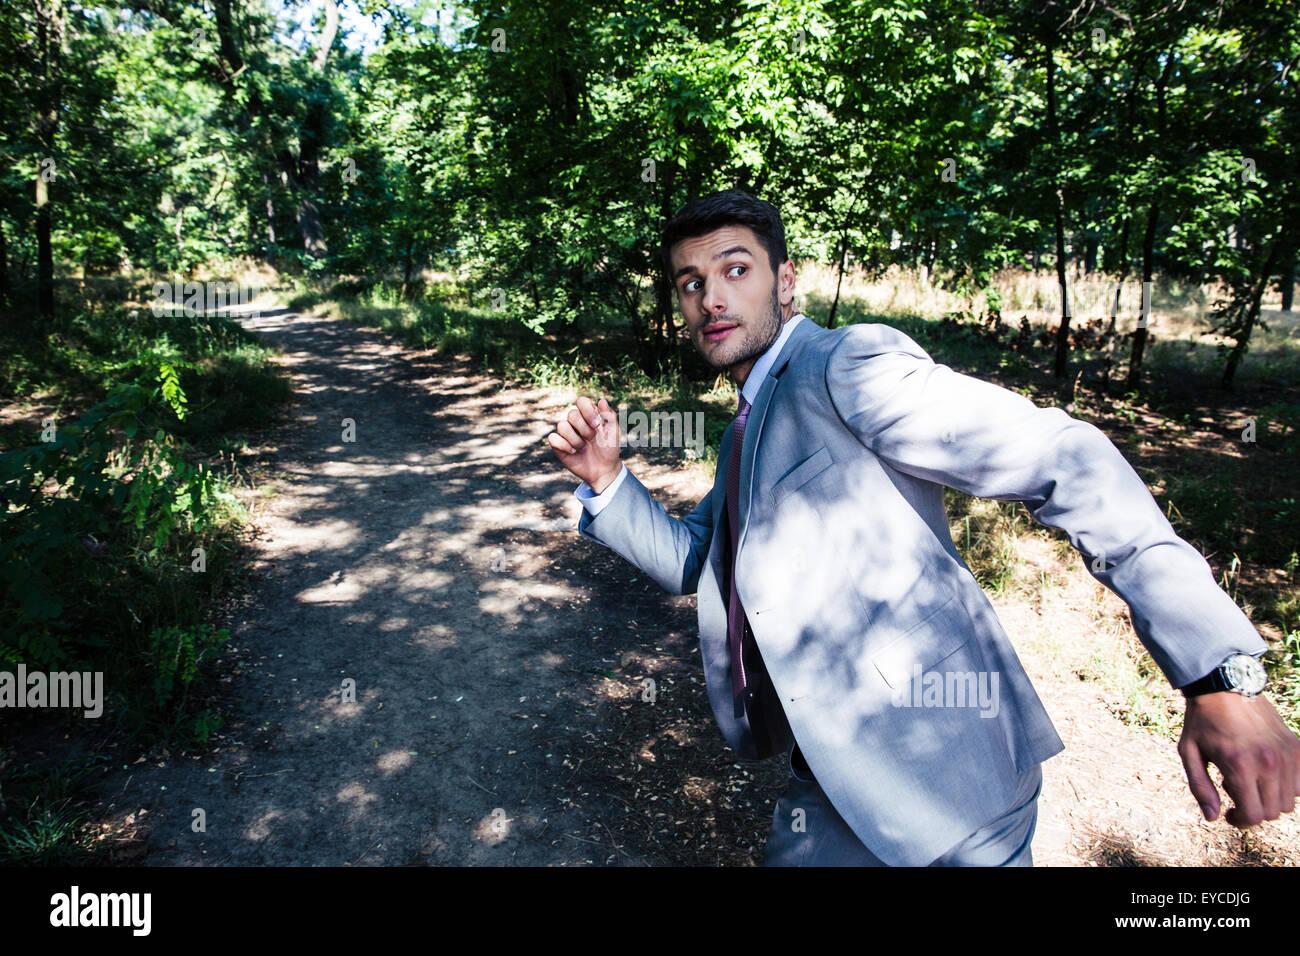 Empresario de miedo huyendo de algo al aire libre en el parque Imagen De Stock